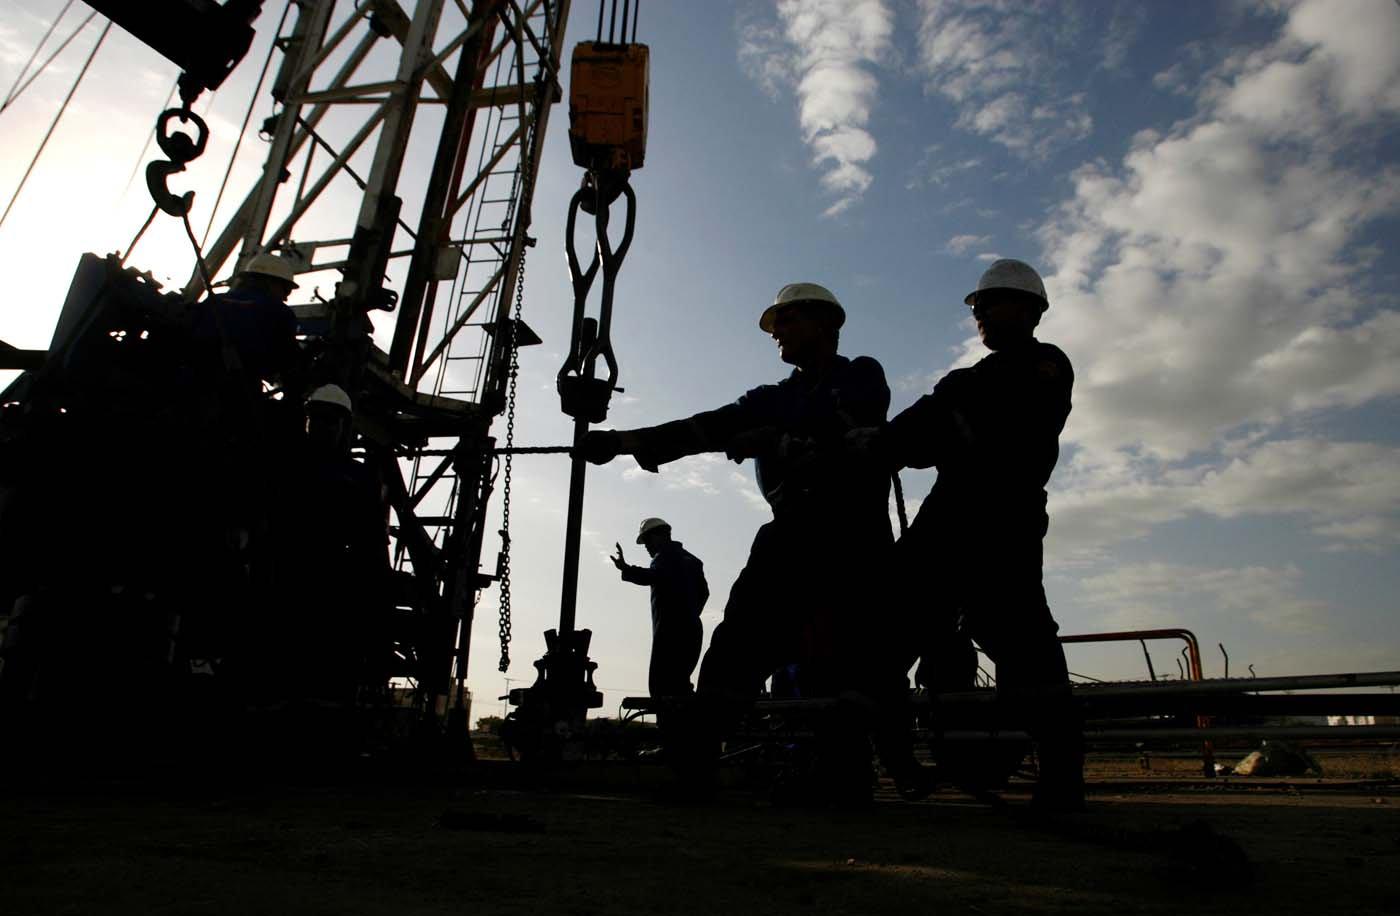 FOTO ARCHIVO: Se ven trabajadores petroleros en un campo petrolero en Cabimas, en el estado occidental de Zulia, cerca del Lago de Maracaibo, Venezuela, el 1 de marzo de 2008. Para unir el Informe Especial WHO-IARC / BENZENE REUTERS / Jorge Silva / Archivo Foto